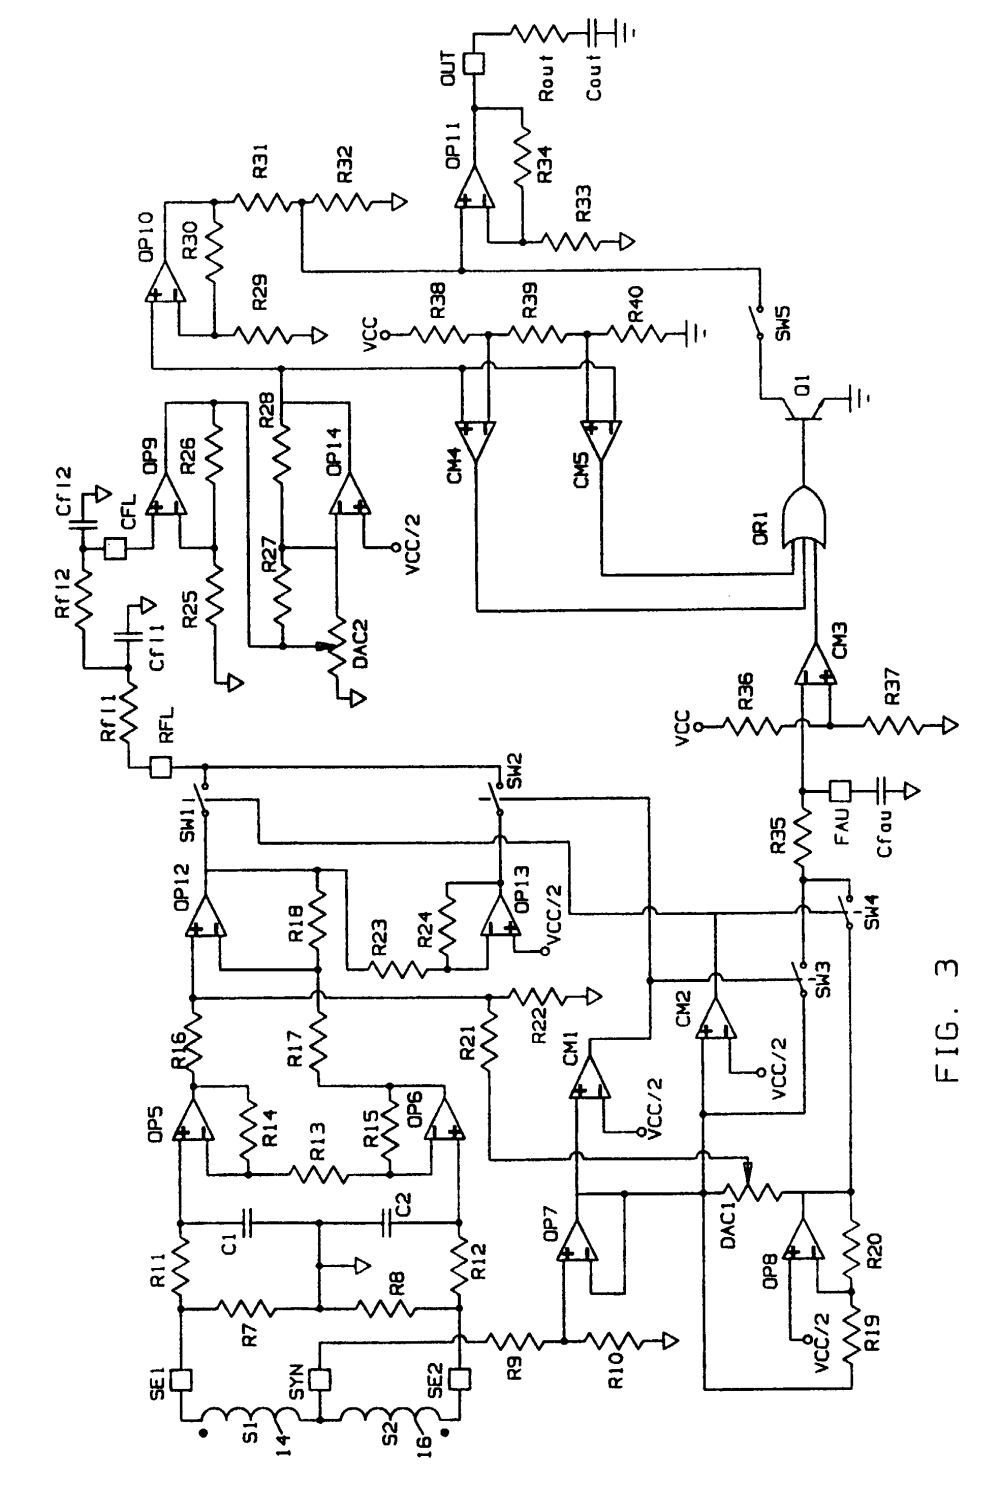 medium resolution of lvdt wiring polarity designation diagram